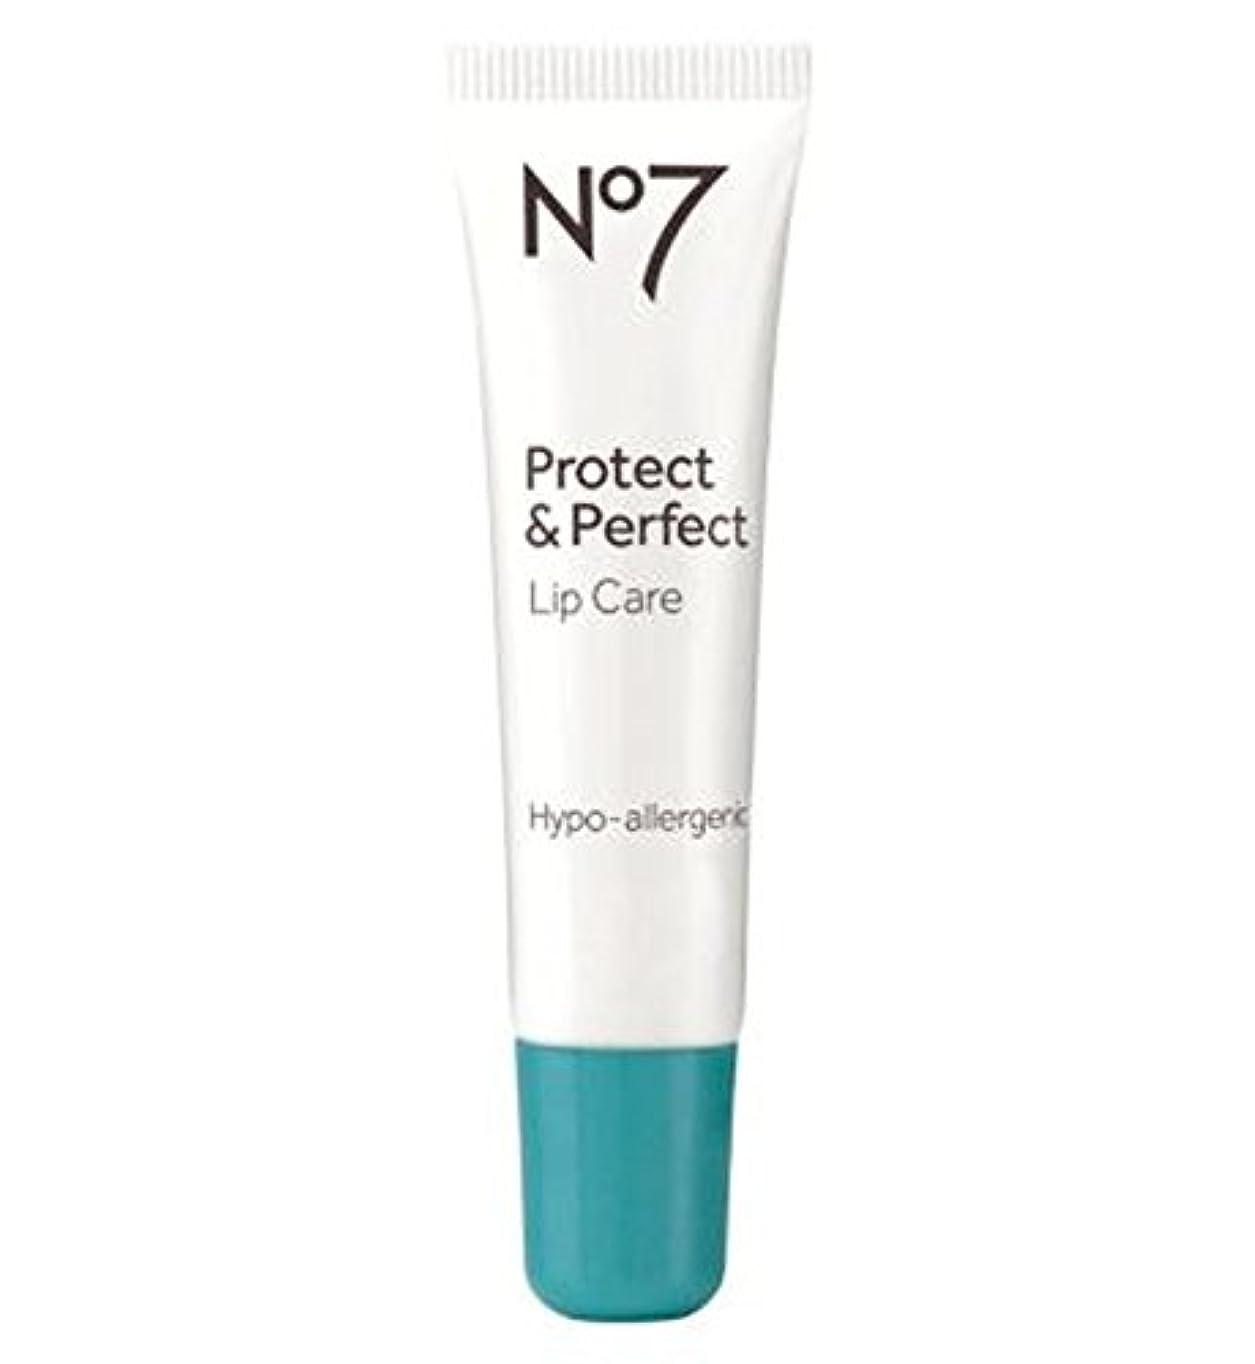 季節散歩到着No7保護&完璧なリップケア10ミリリットル (No7) (x2) - No7 Protect & Perfect Lip Care 10ml (Pack of 2) [並行輸入品]